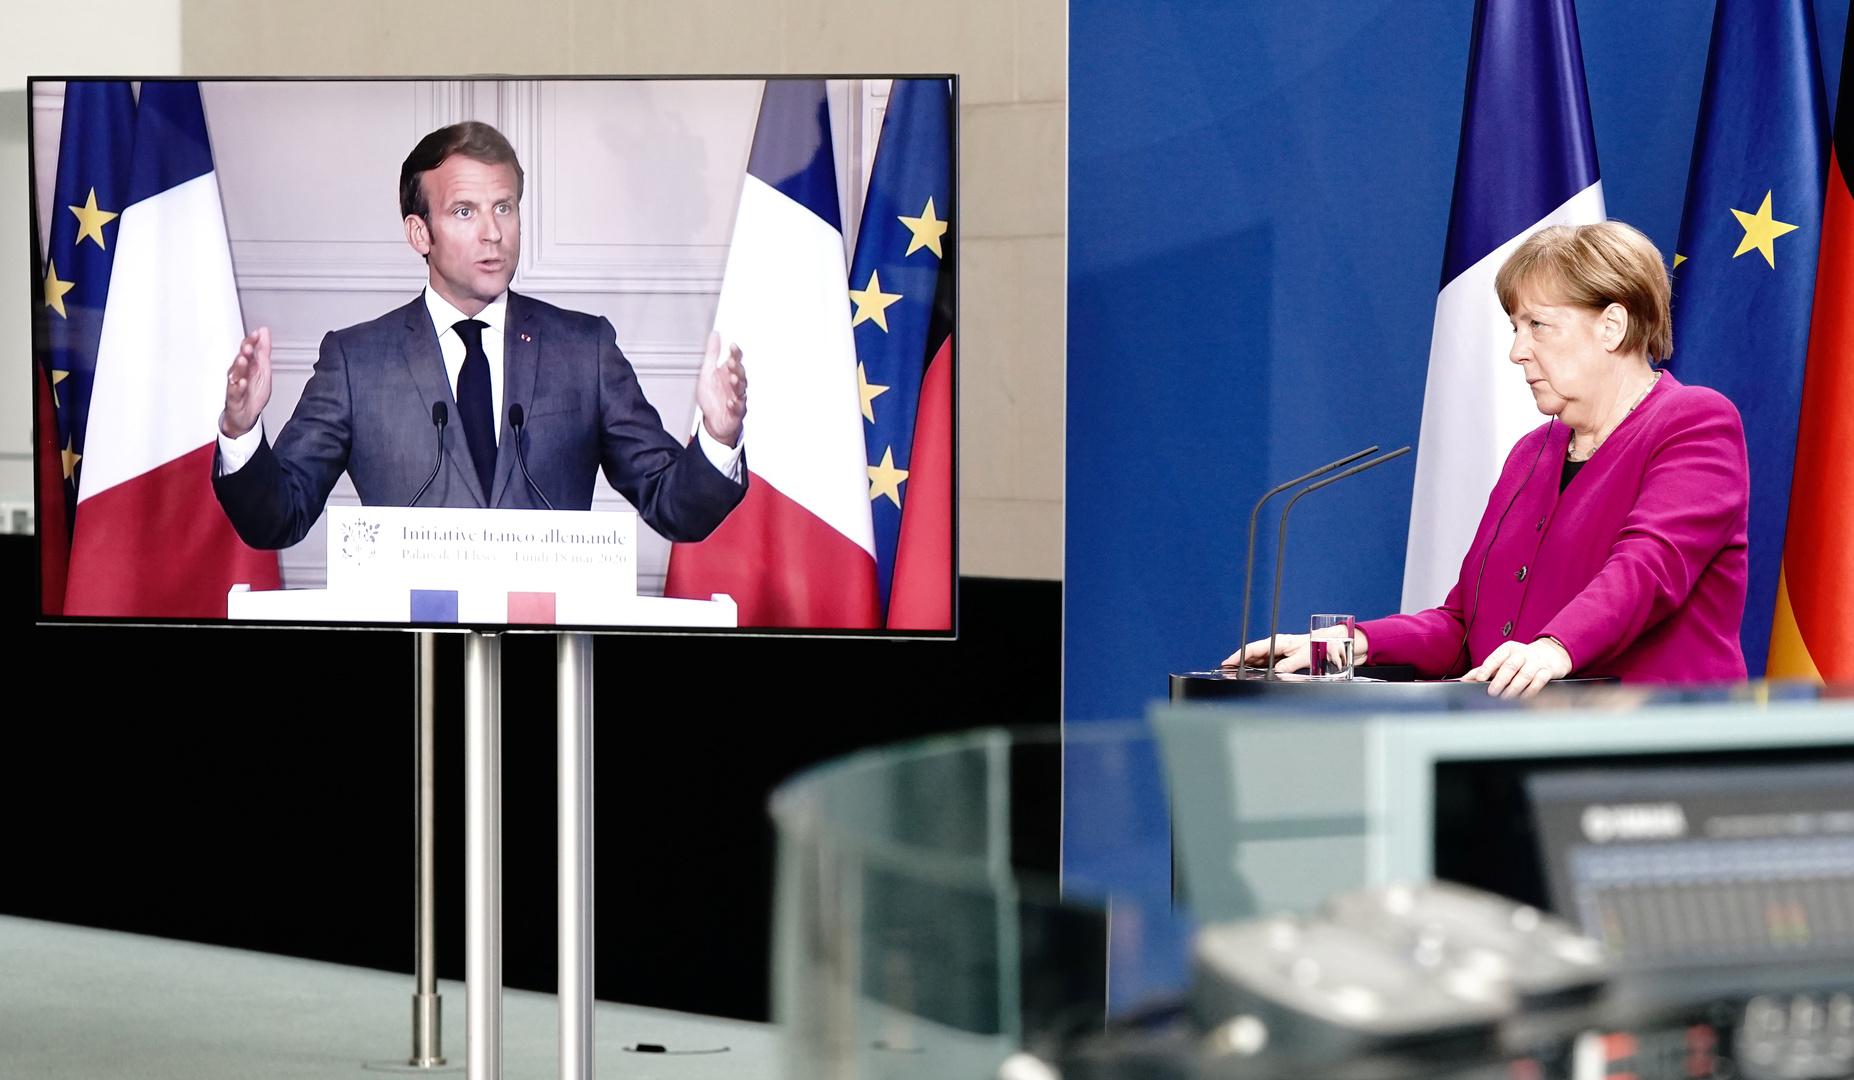 فرنسا وألمانيا تقترحان خطة نهوض للاقتصاد الأوروبي بقيمة 500 مليار يورو